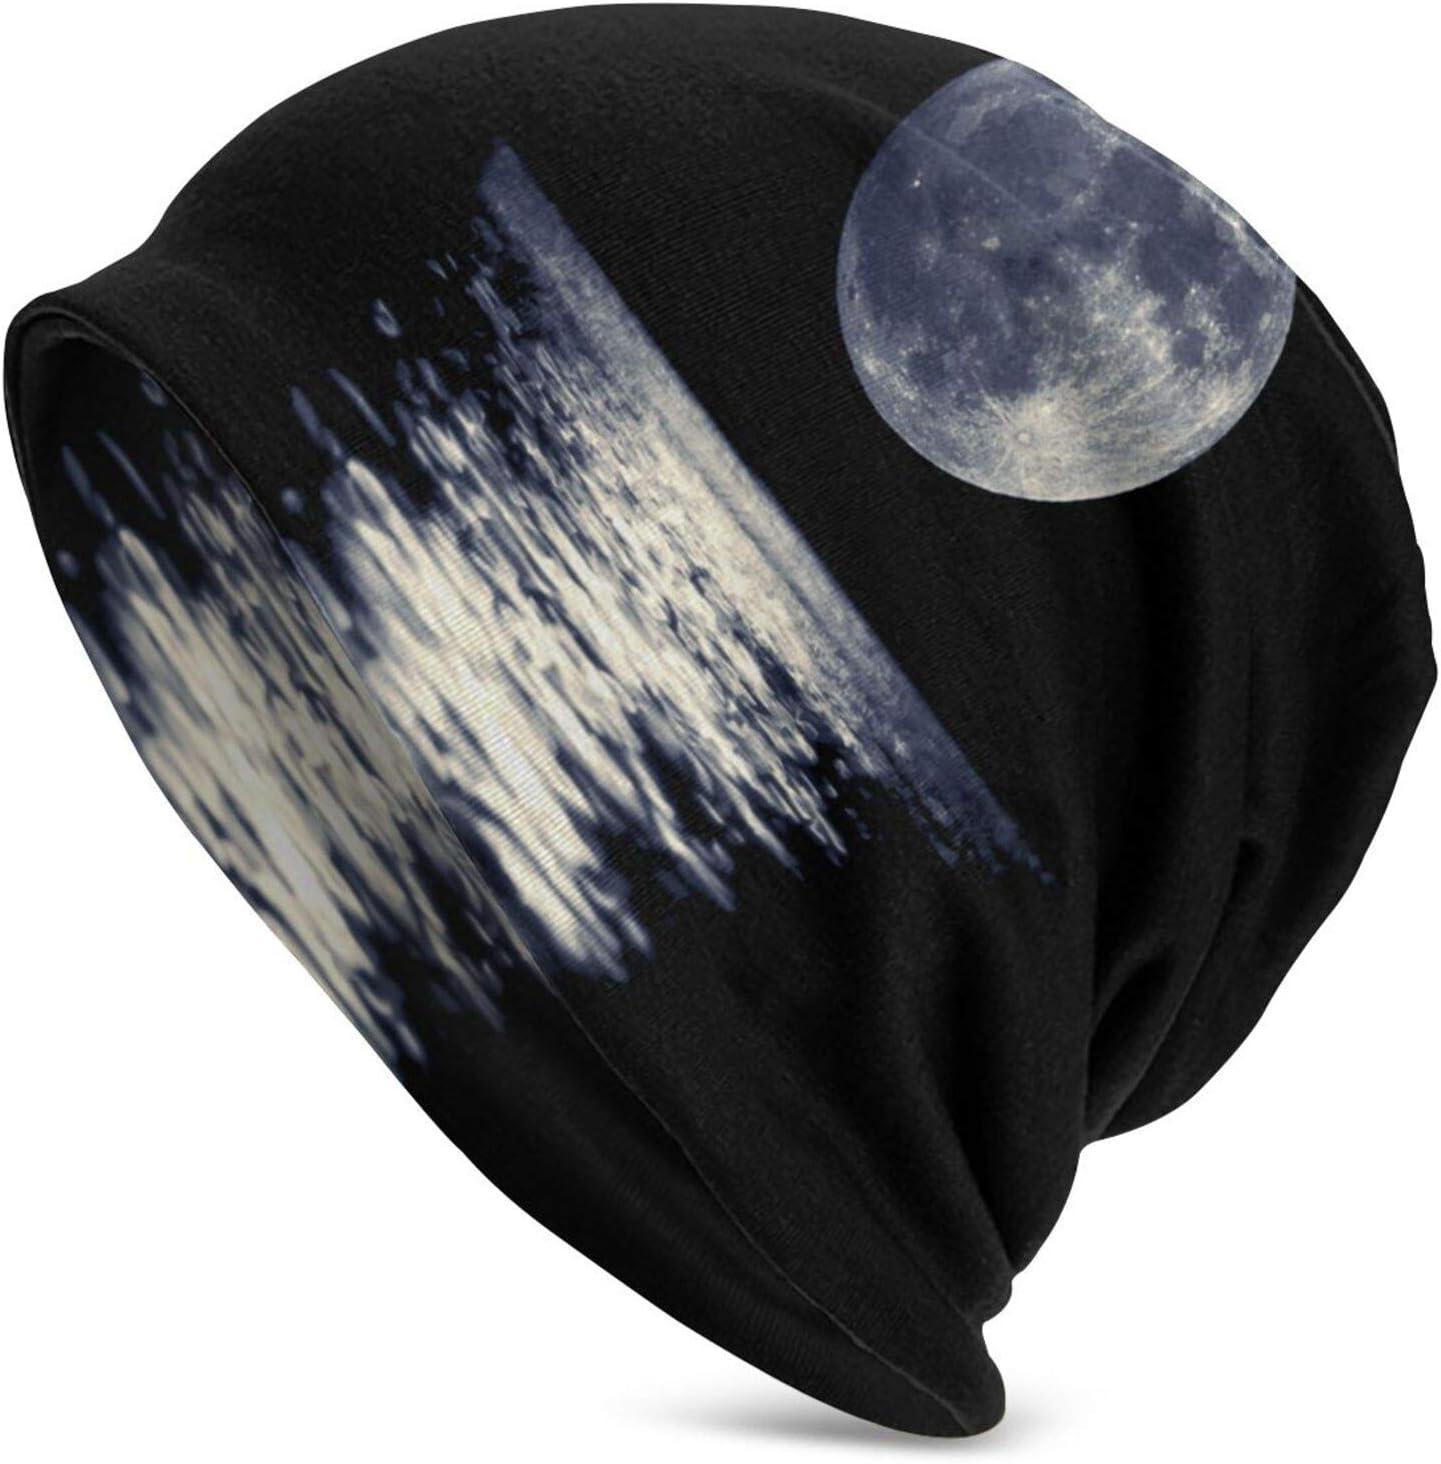 QUEMIN Suegra Luz de Luna en la Noche Gorro de Calavera de Loro Gorro elástico Gorros Holgados Sombreros de Moda de Punto de Invierno para Mujeres Hombres